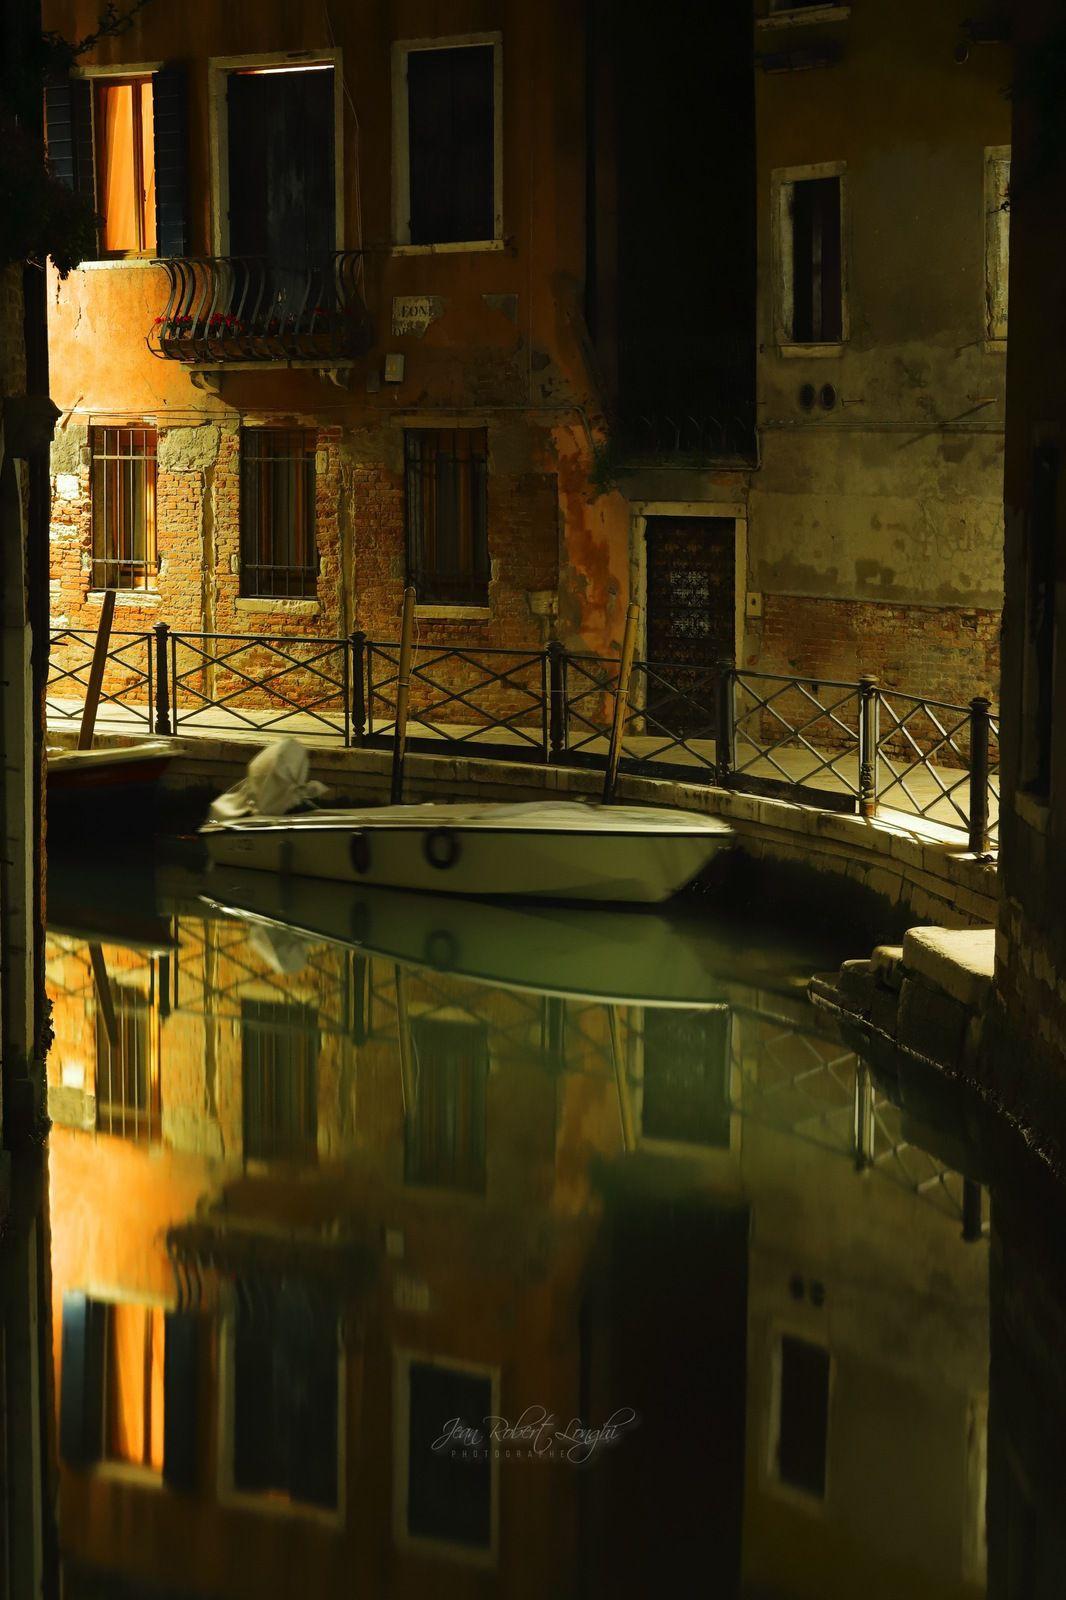 Venezia Serenissima tra Luce e Oscurita 4 - tirage 3/30 et 4/30 Hahnemühle baryté 45X30cm - ©2019 Jean-Robert Longhi Photographie non libre de droits.